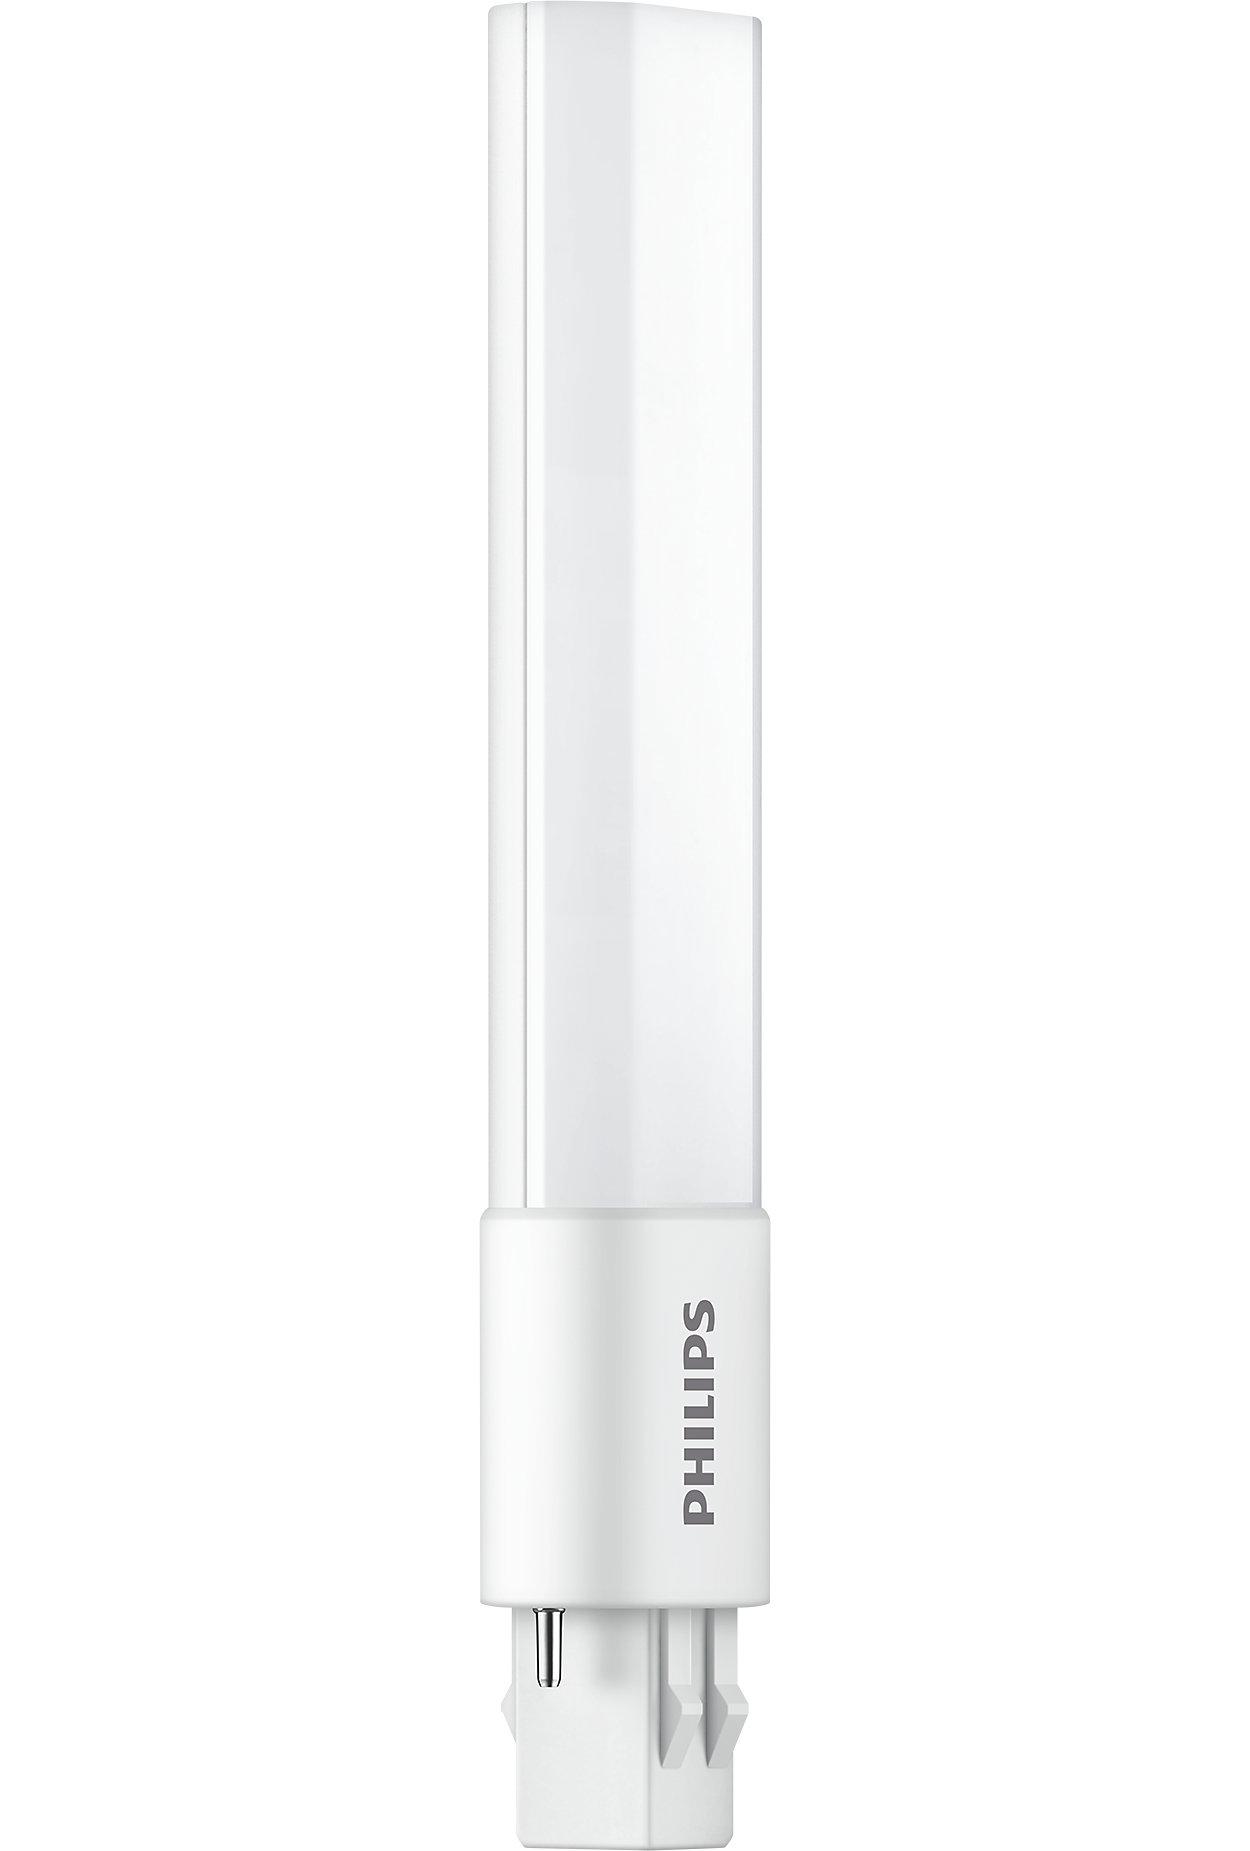 La solution DEL la plus sophistiquée de Philips pour le remplacement des lampes fluocompactes PL-S à 2broches